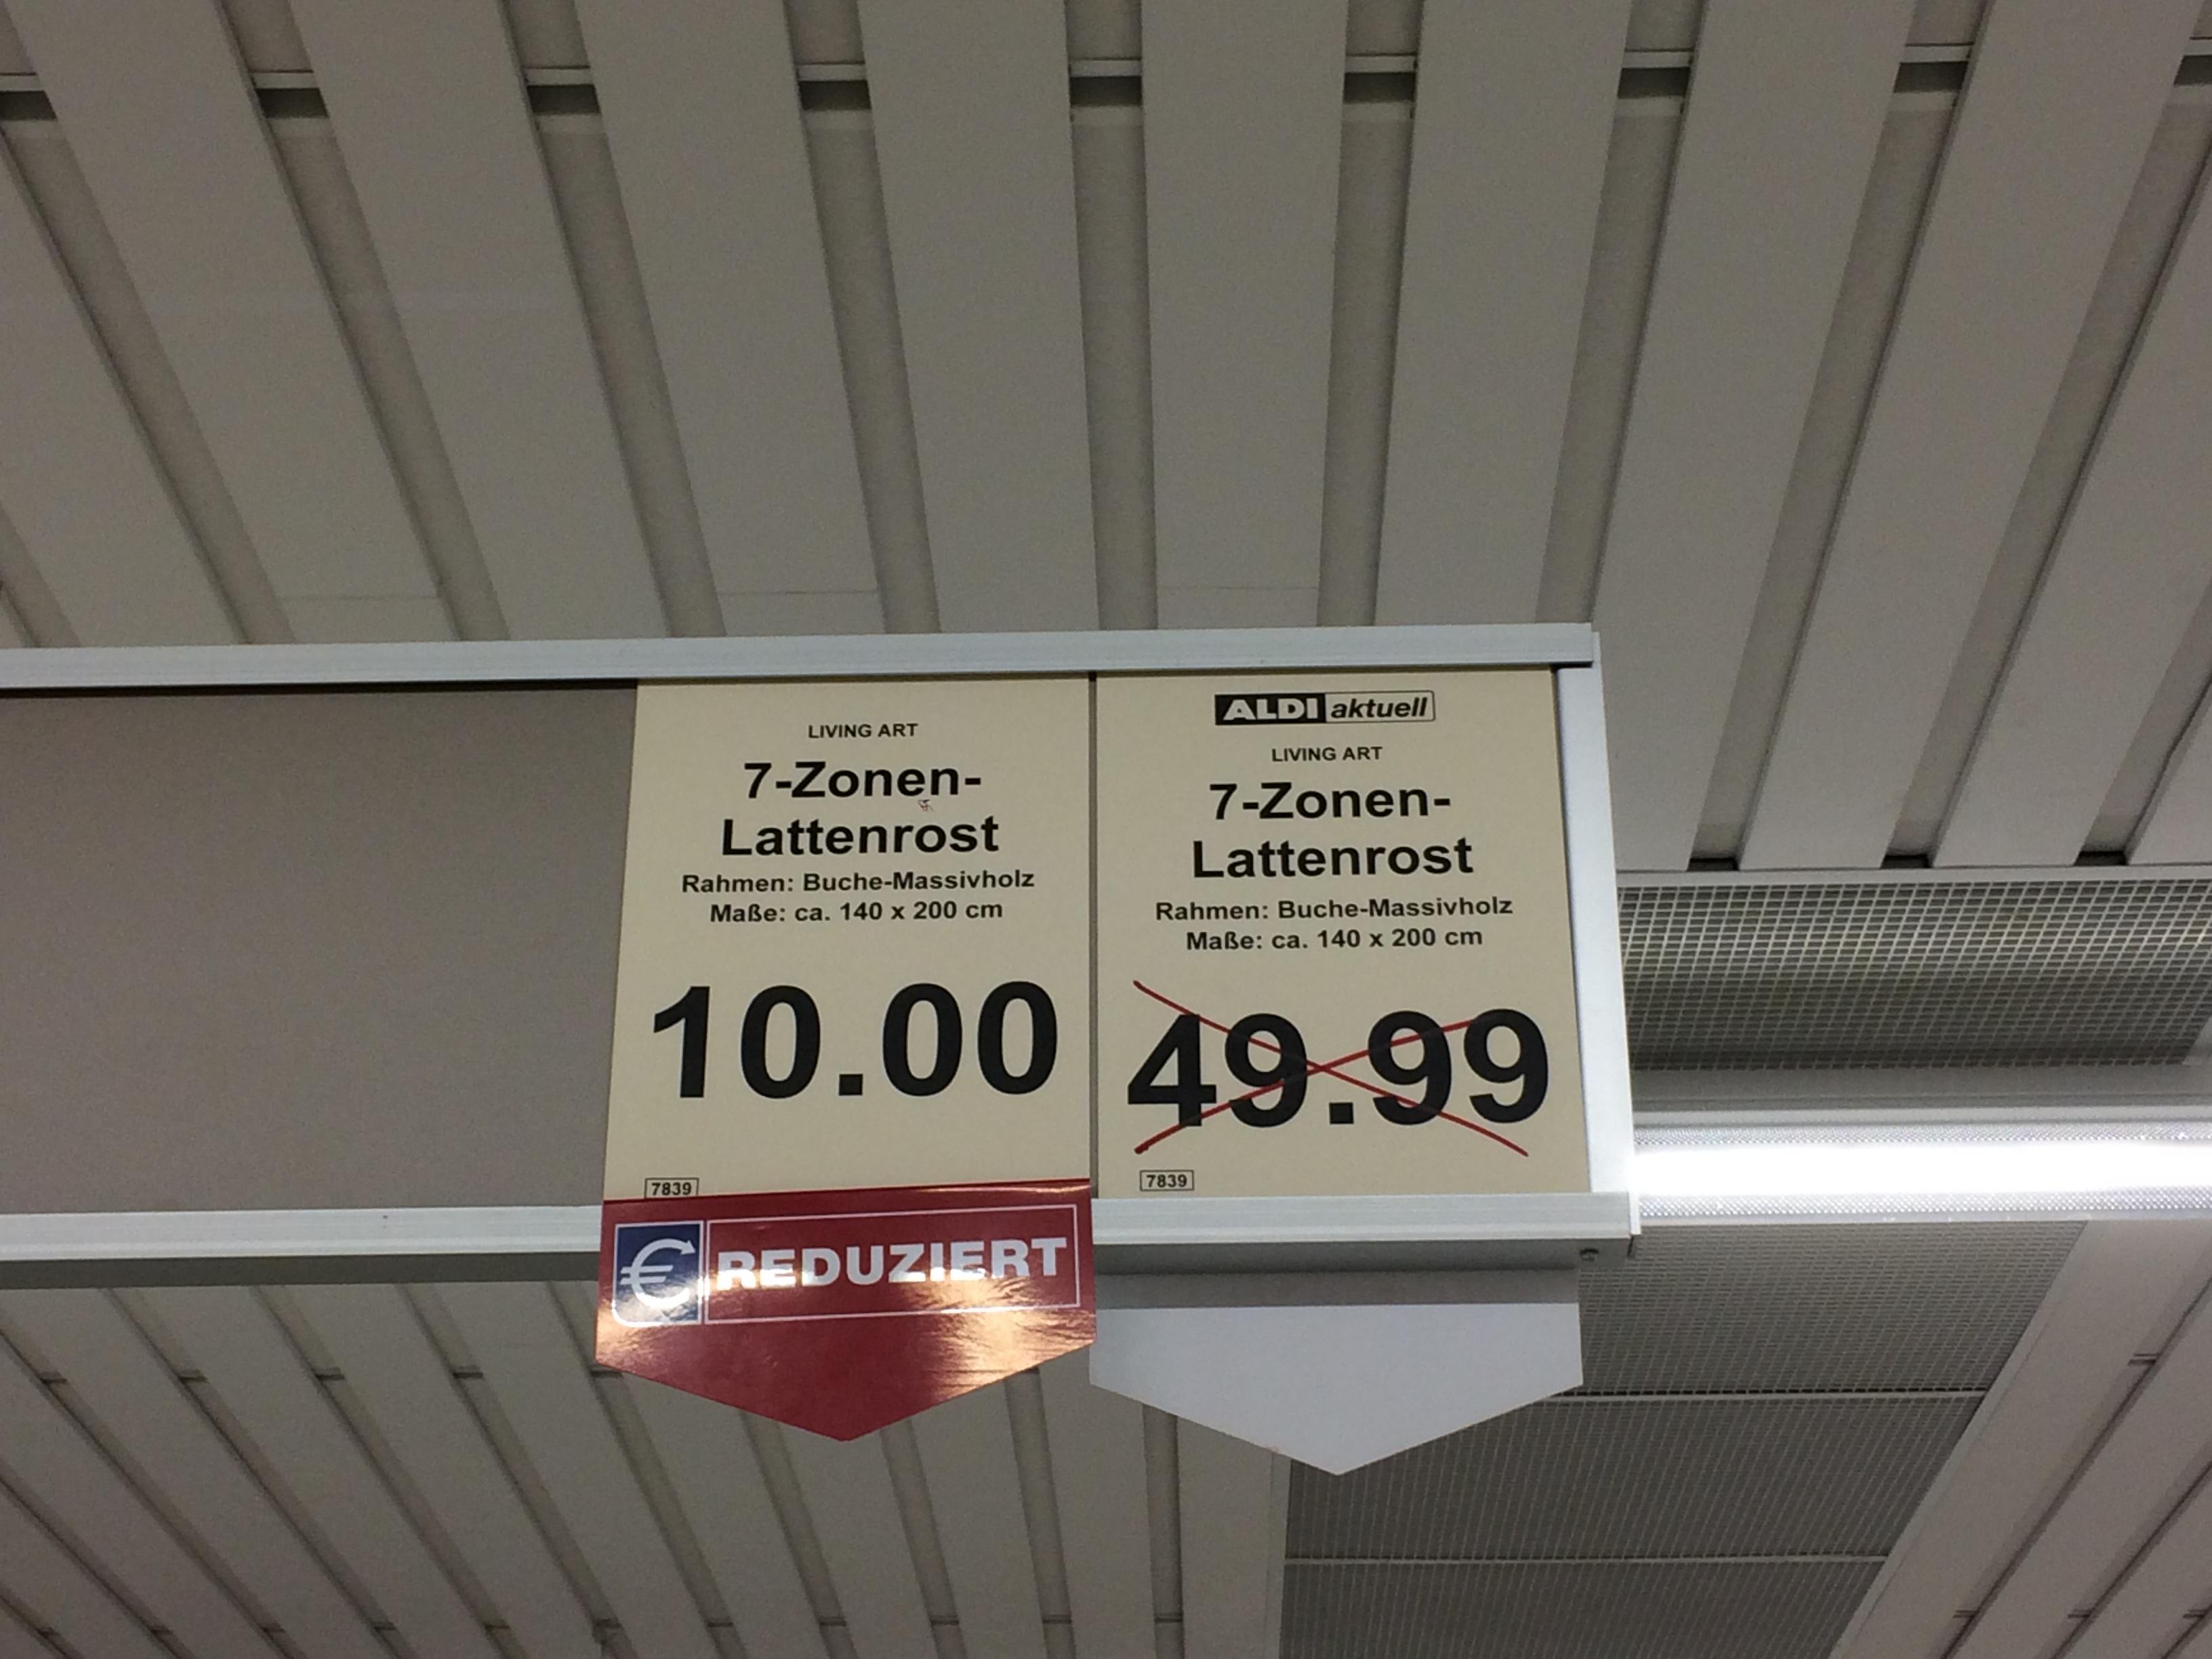 Bremen Vahr Aldi Nord Lattenrost 140cm reduziert von 49,99